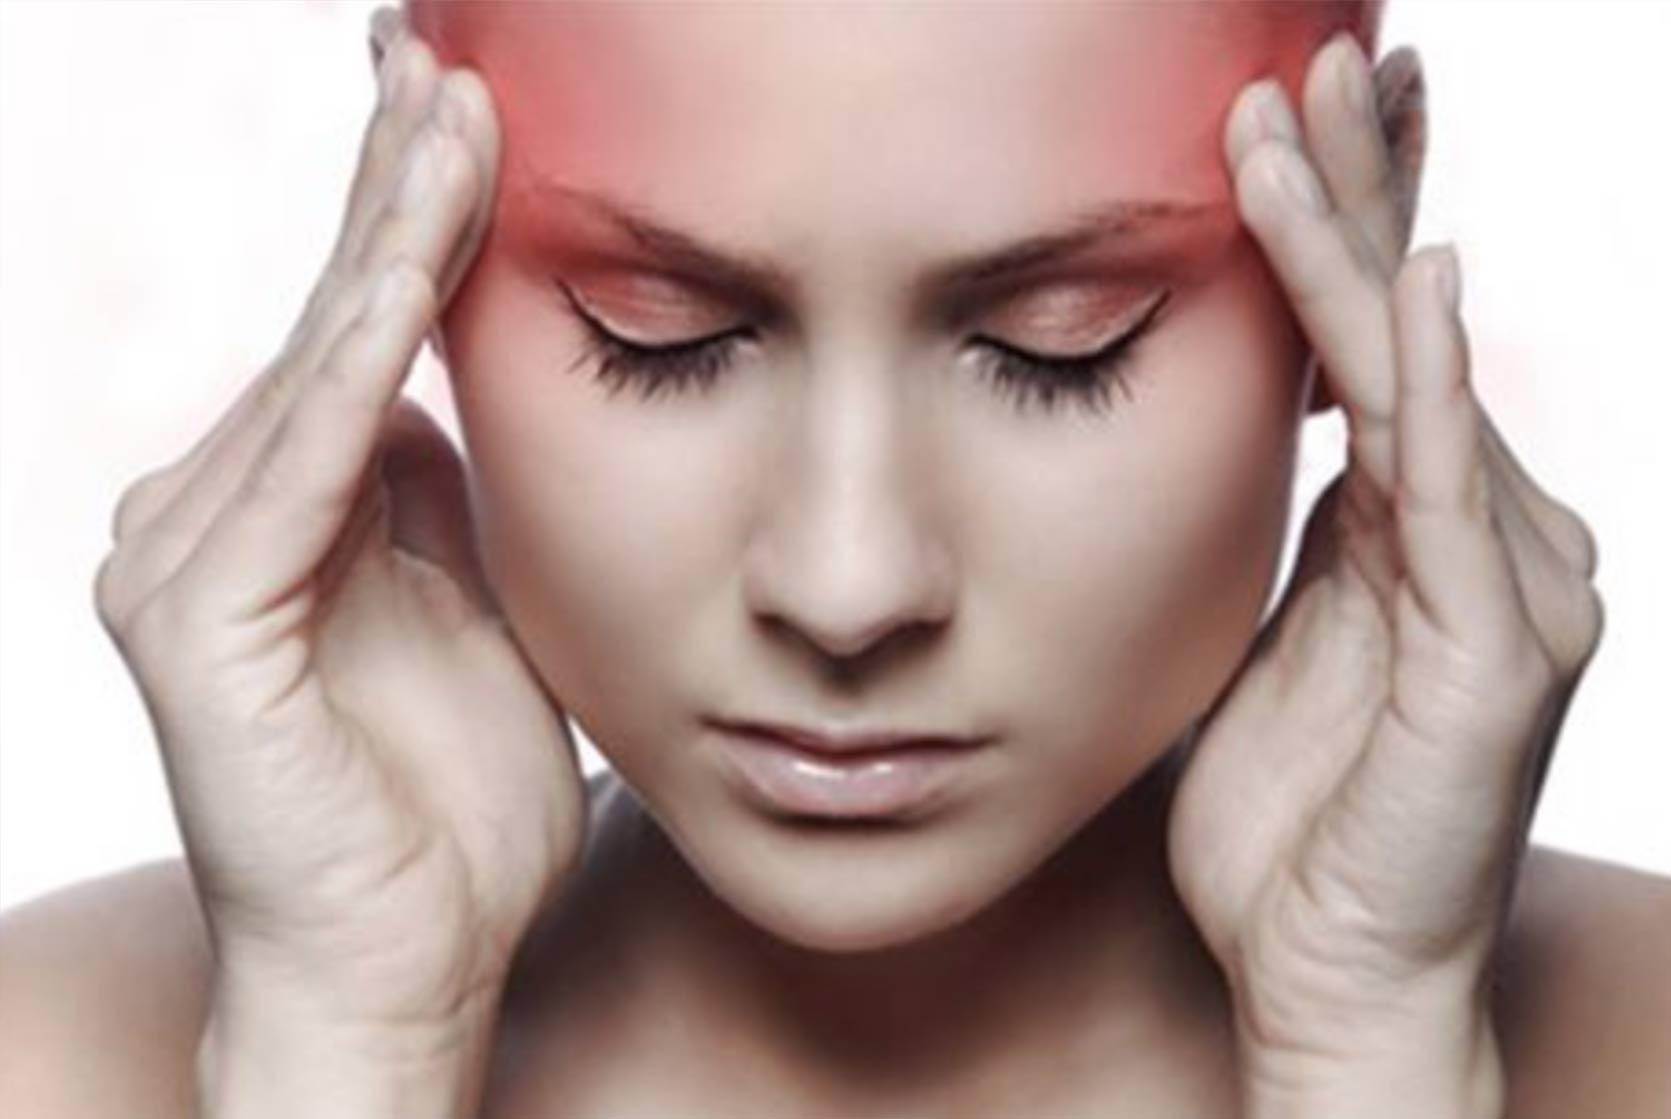 Représentation en image d'une migraine.